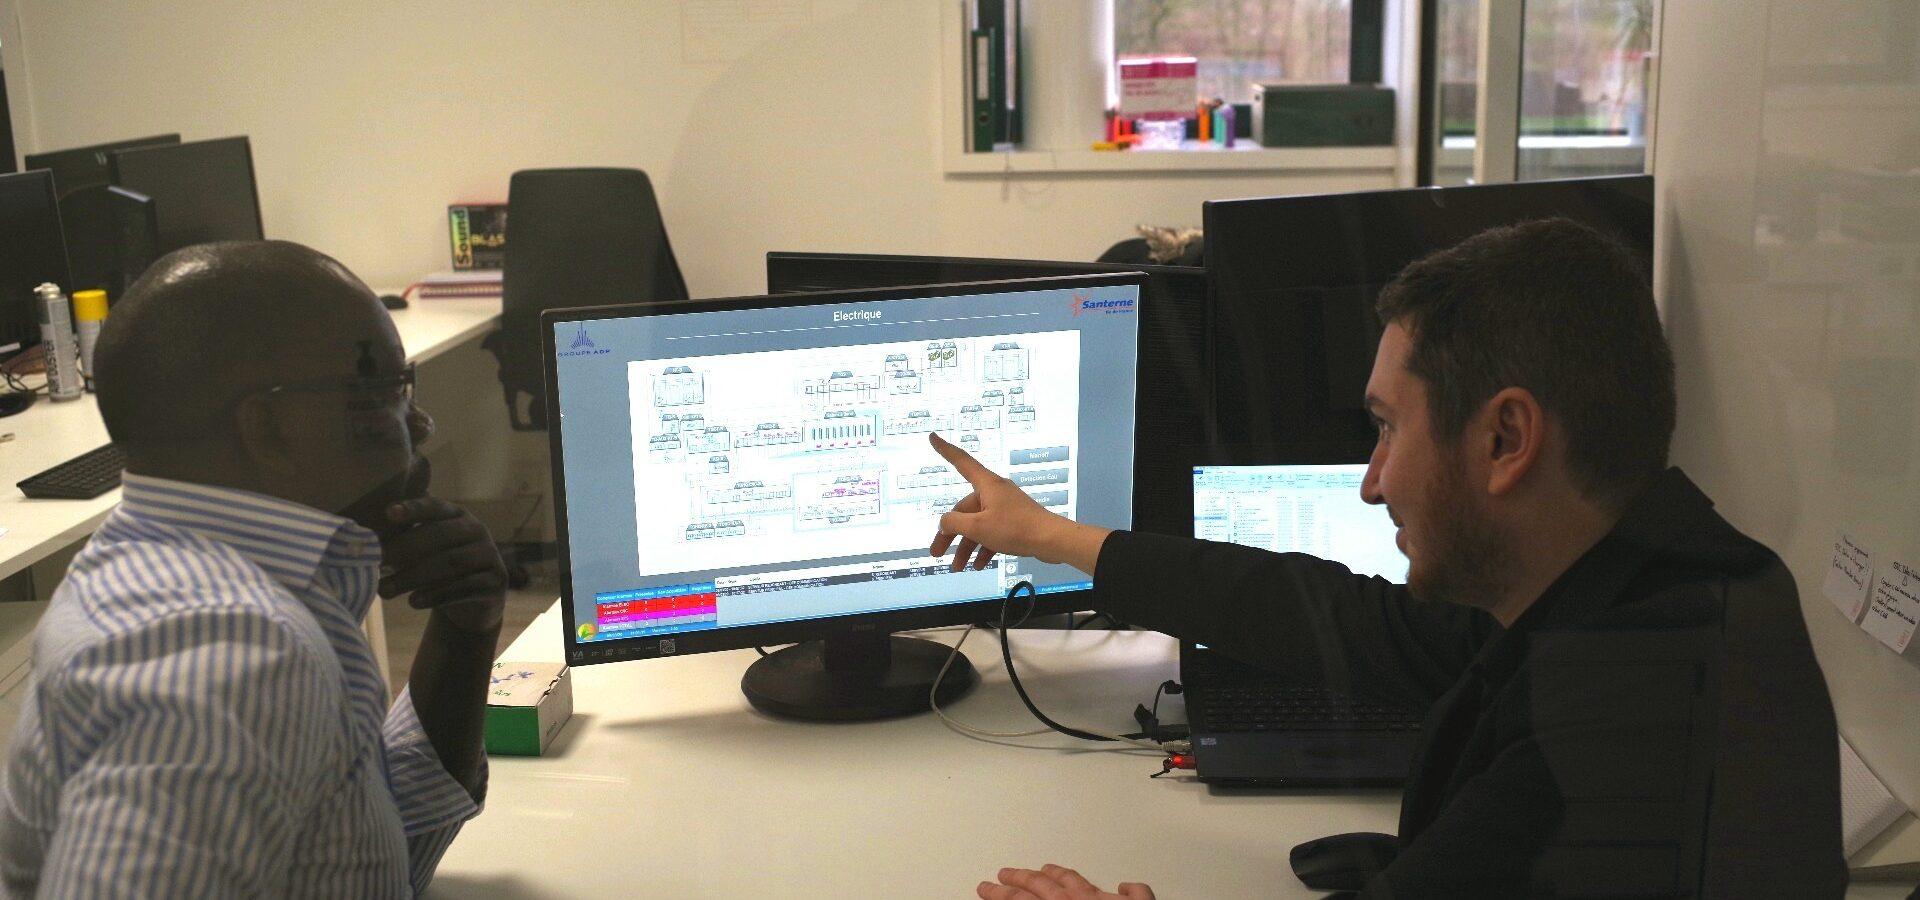 Deux hommes dans un bureau regardent un écran d'ordinateur